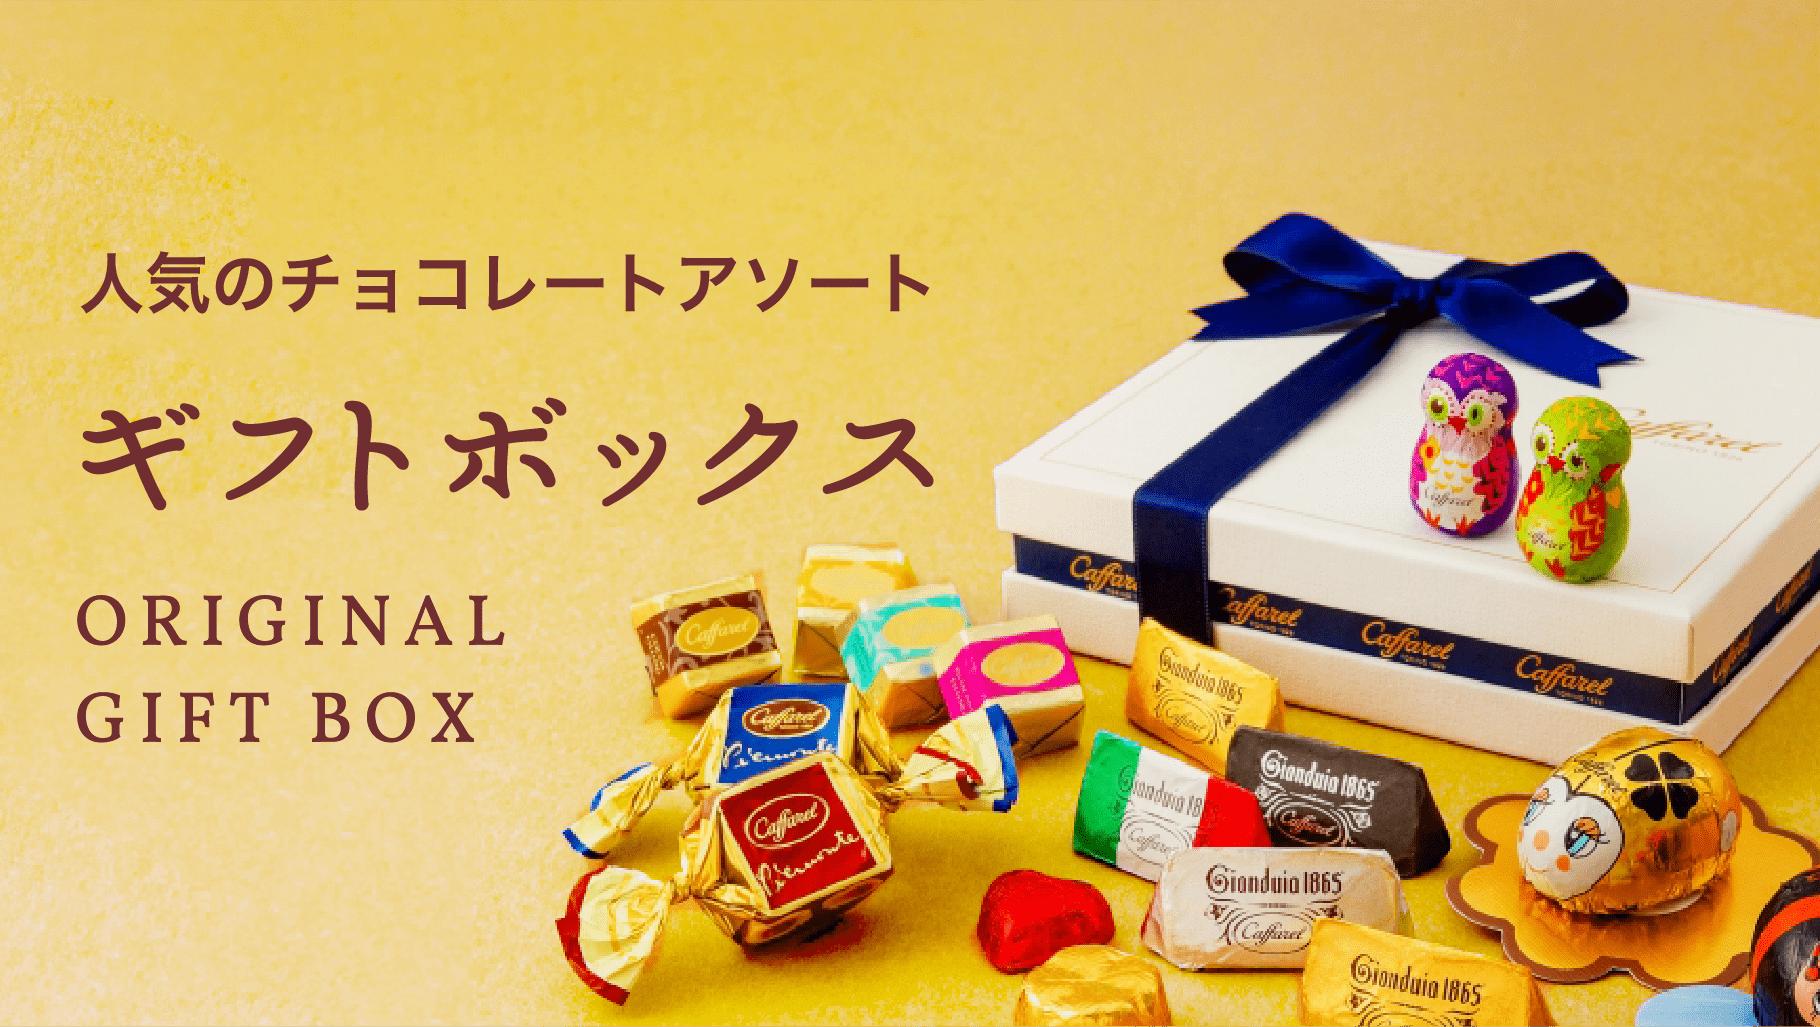 てんとう虫のチョコが人気のギフト・プレゼントボックス